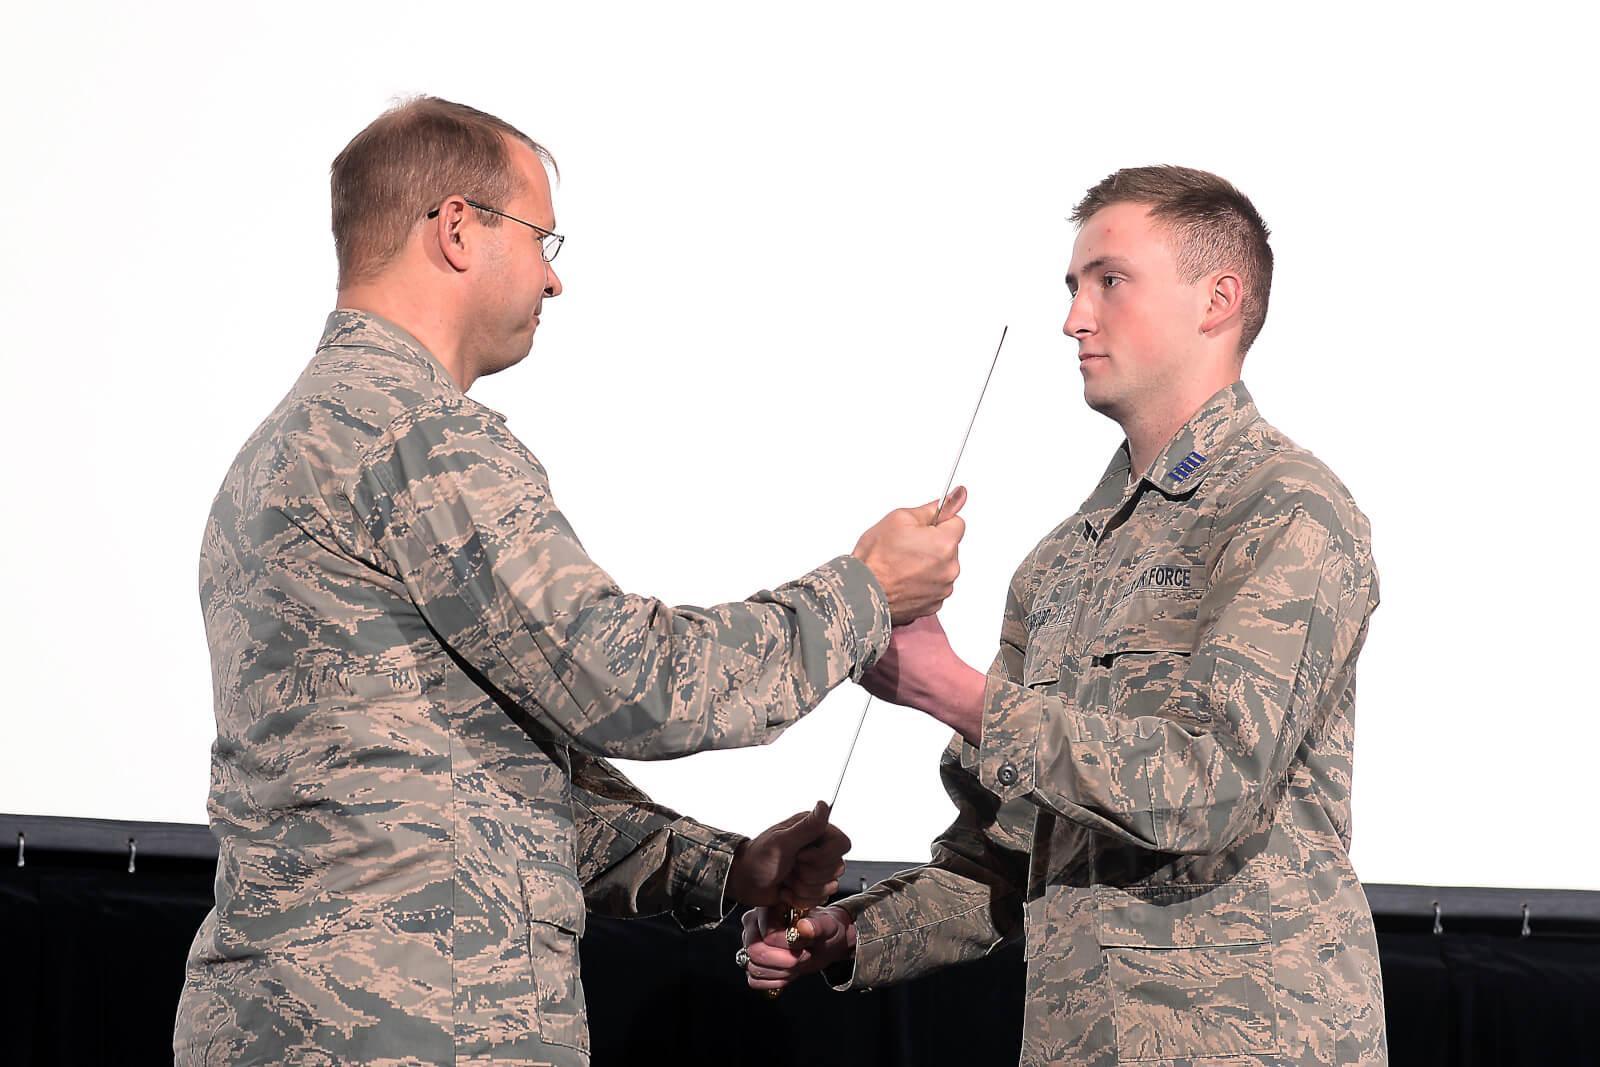 Senior Cadet Yarwood Takes Command of Cadet Wing